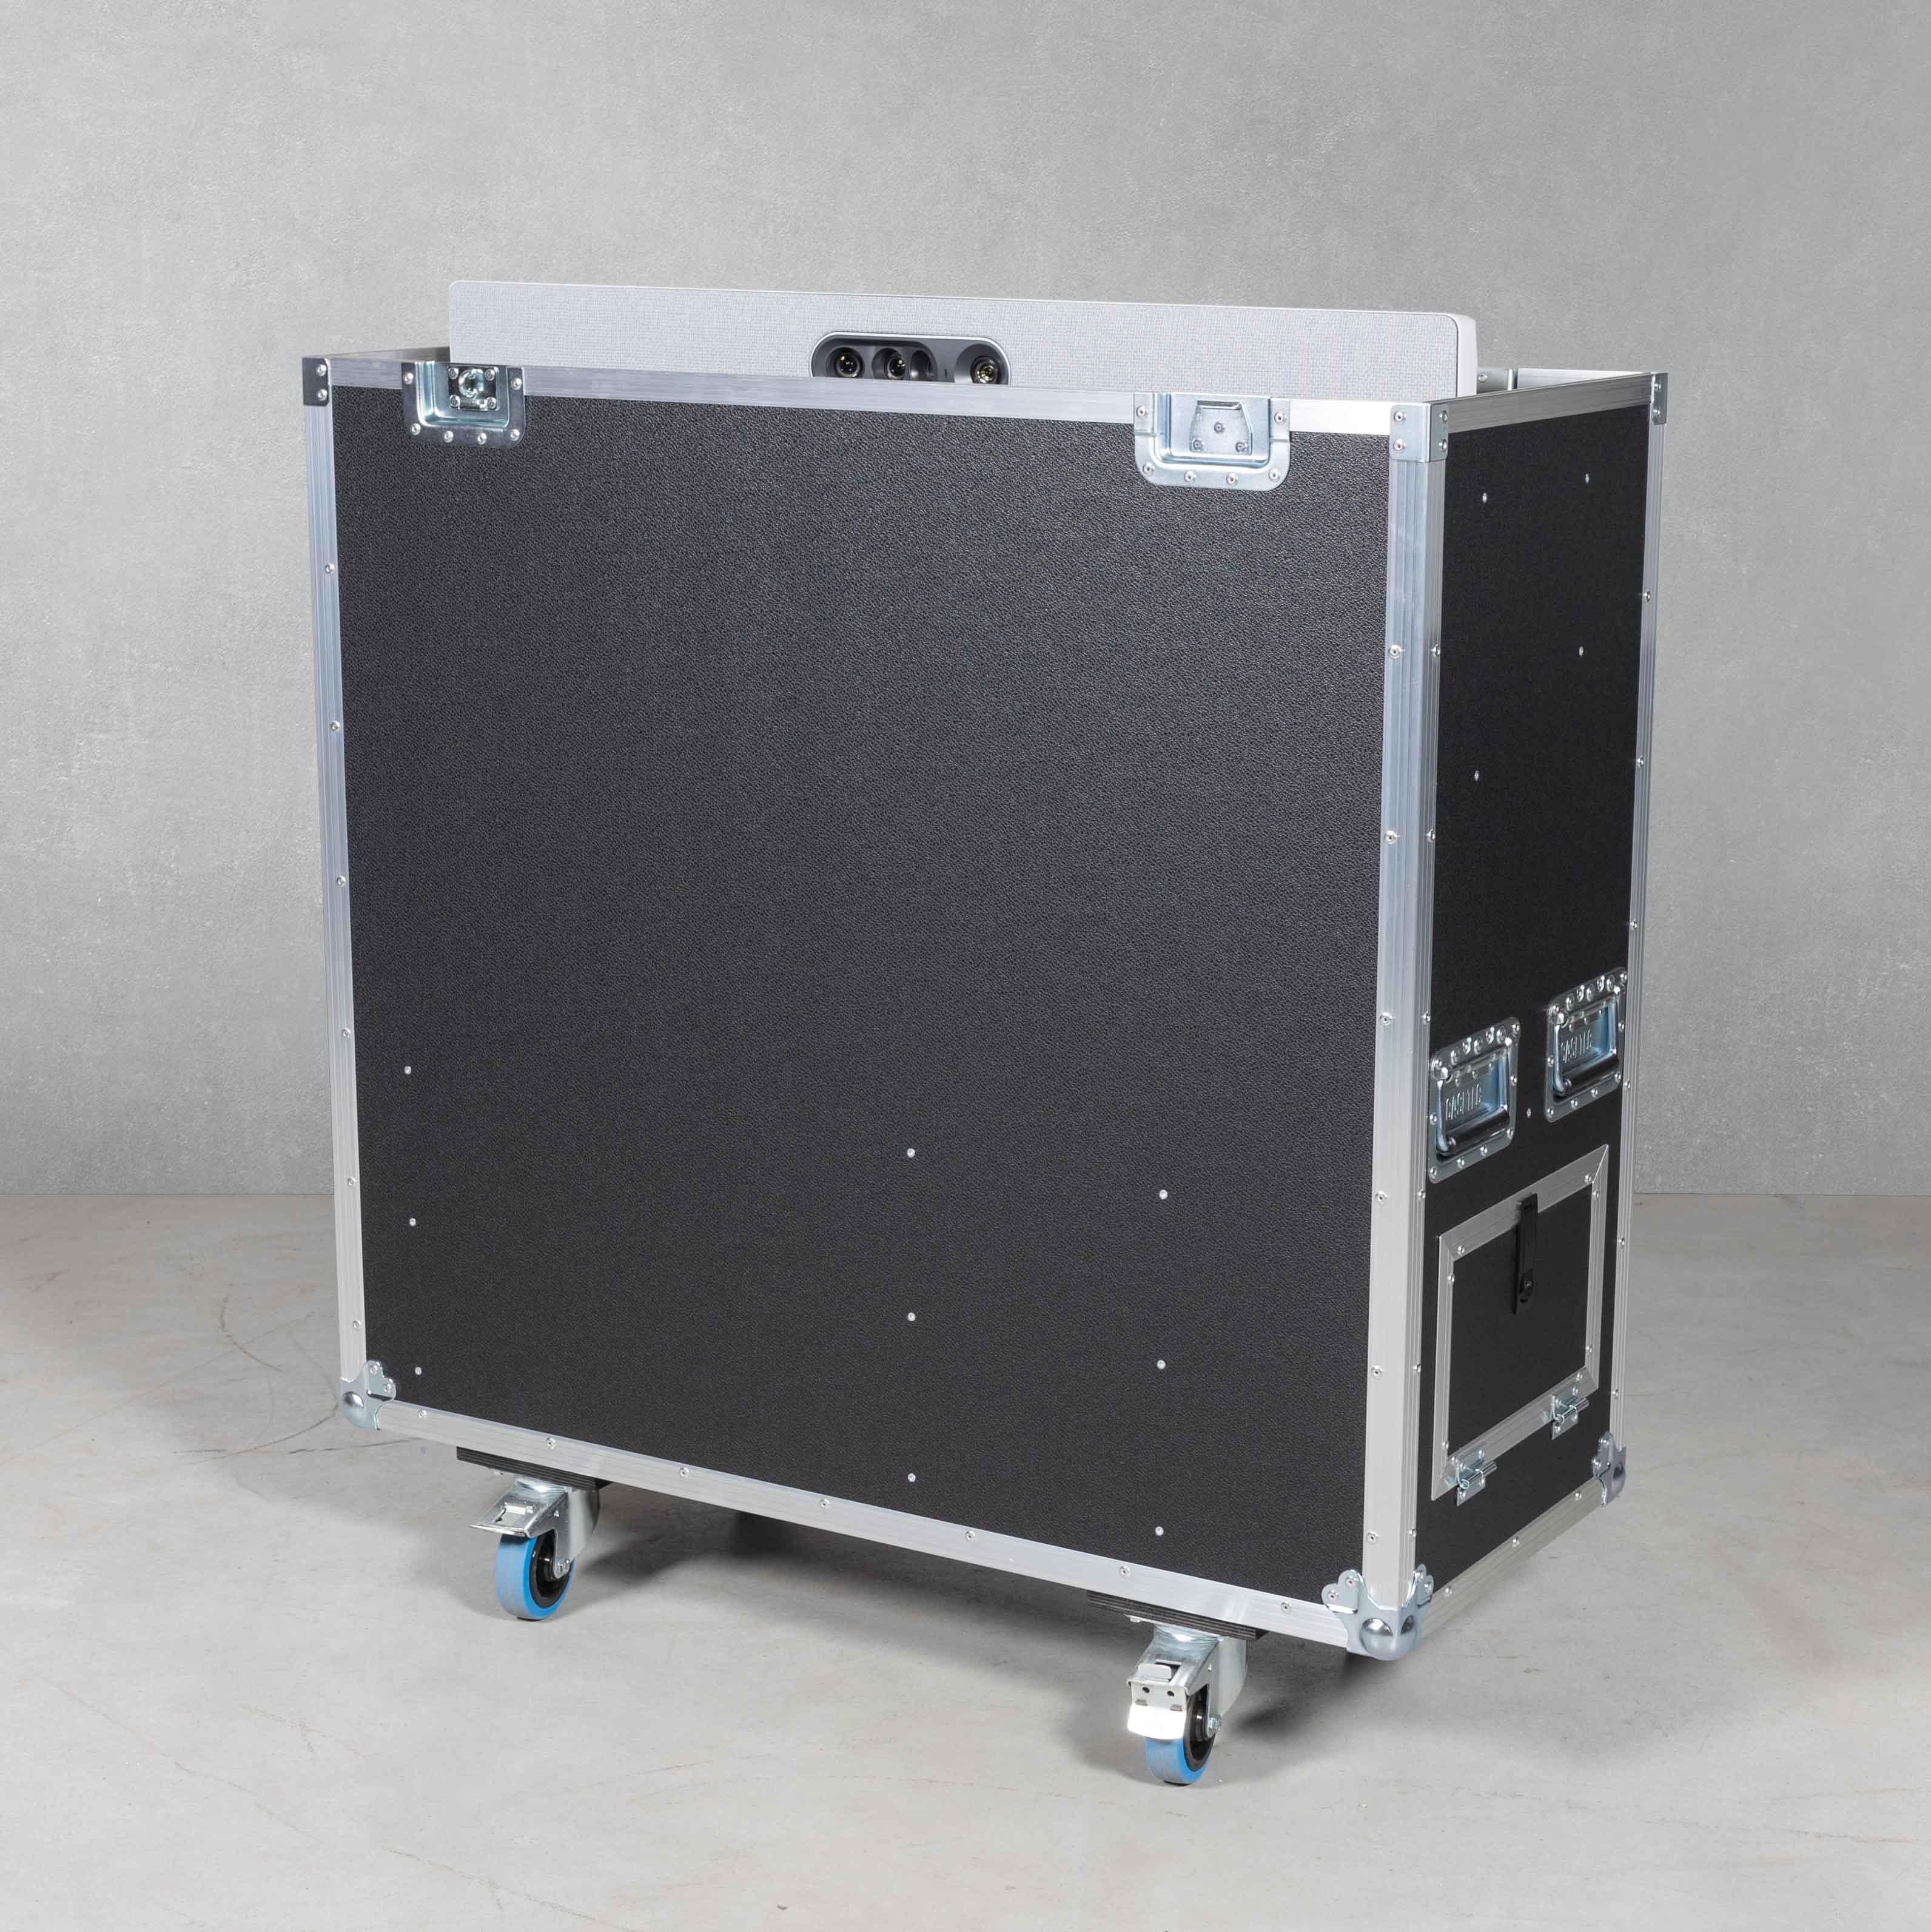 Flightcase für eine Cisco Quadcam und Cisco Webex Codex mit Liftsystem